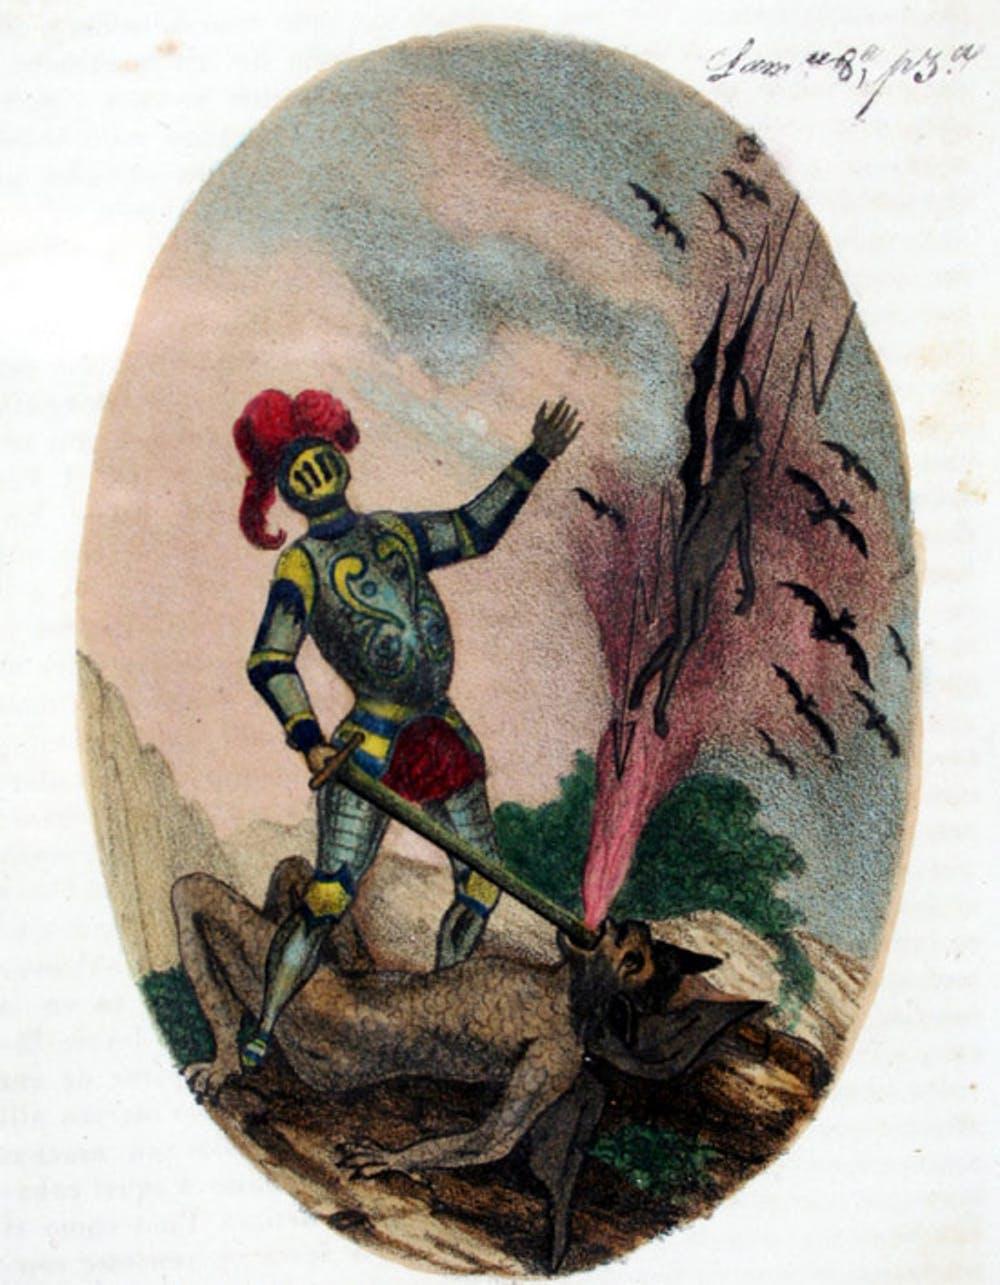 Amadís contra el Endriago. Litografía de la edición de Madrid, 1838. Wikimedia Commons